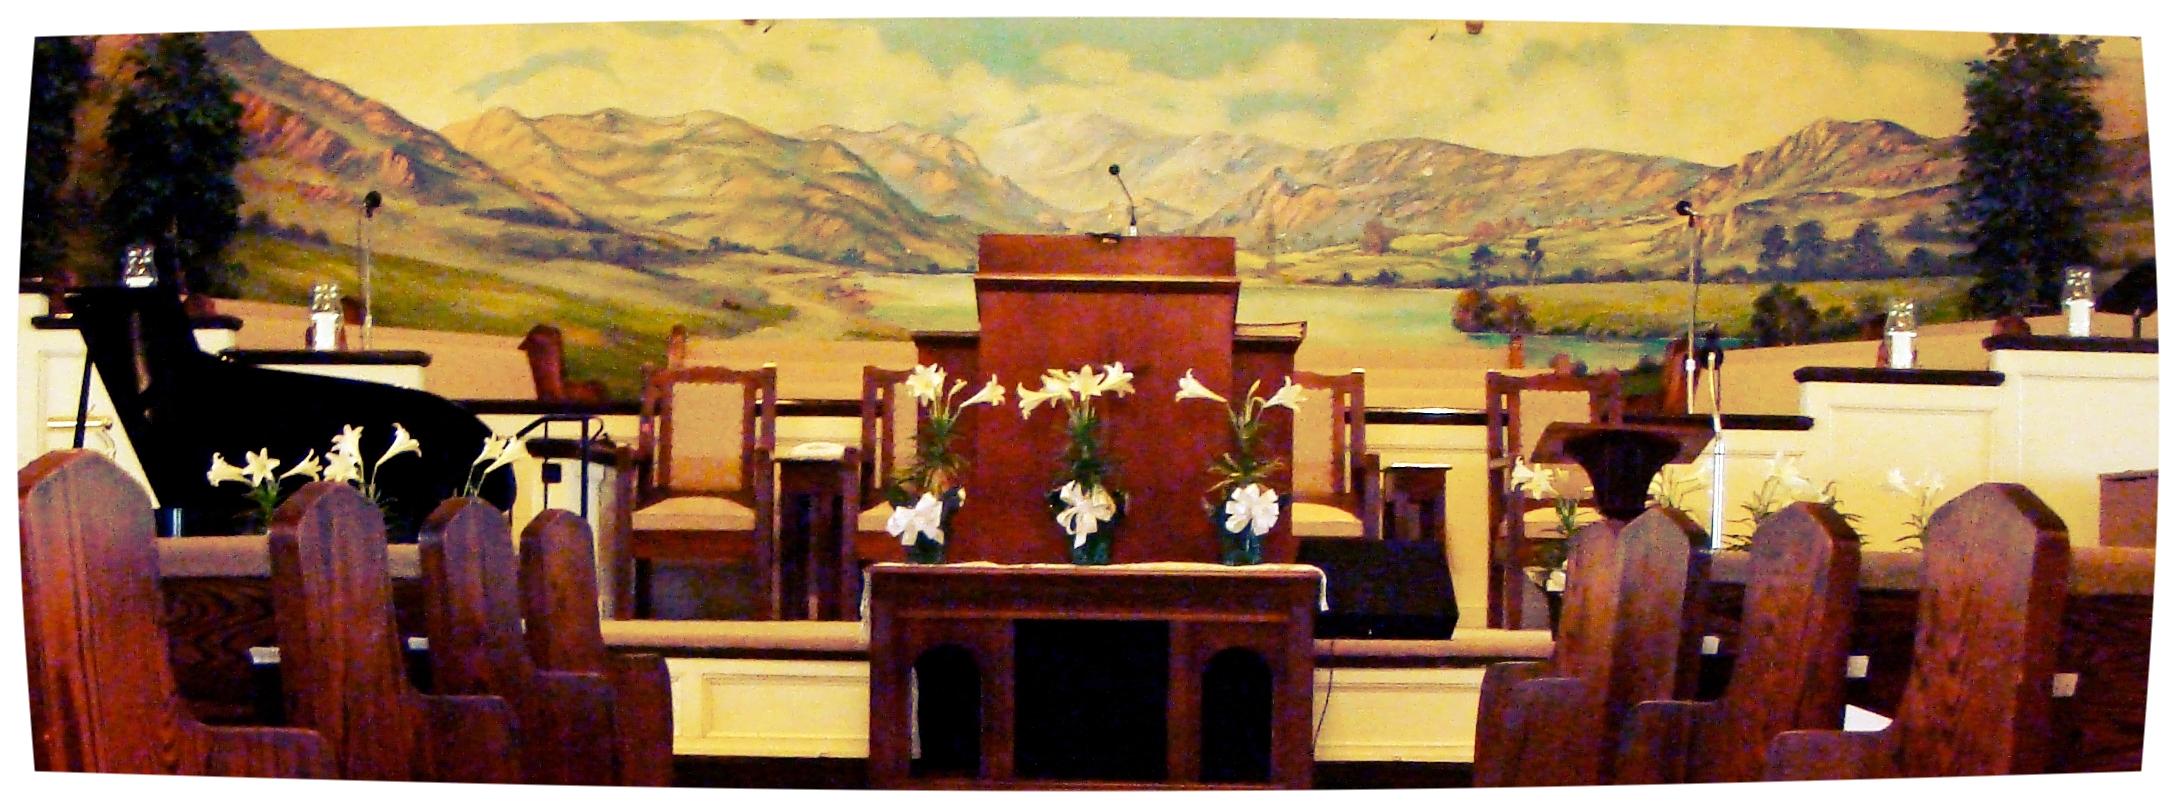 Temple Aisle.jpg